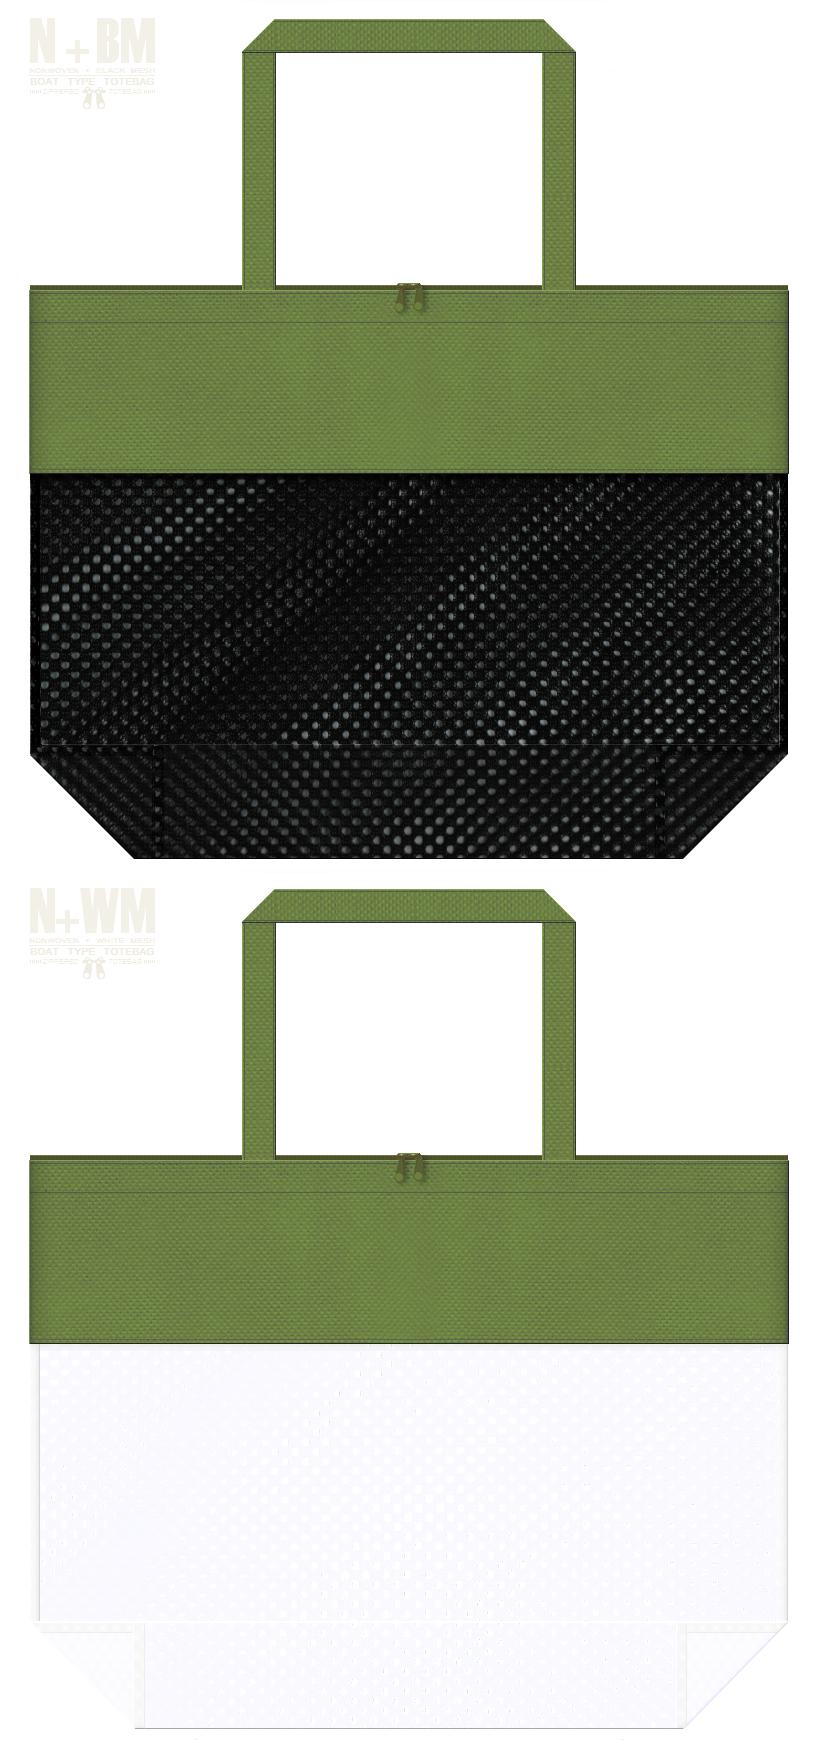 台形型メッシュバッグのカラーシミュレーション:黒色・白色メッシュと草色不織布の組み合わせ